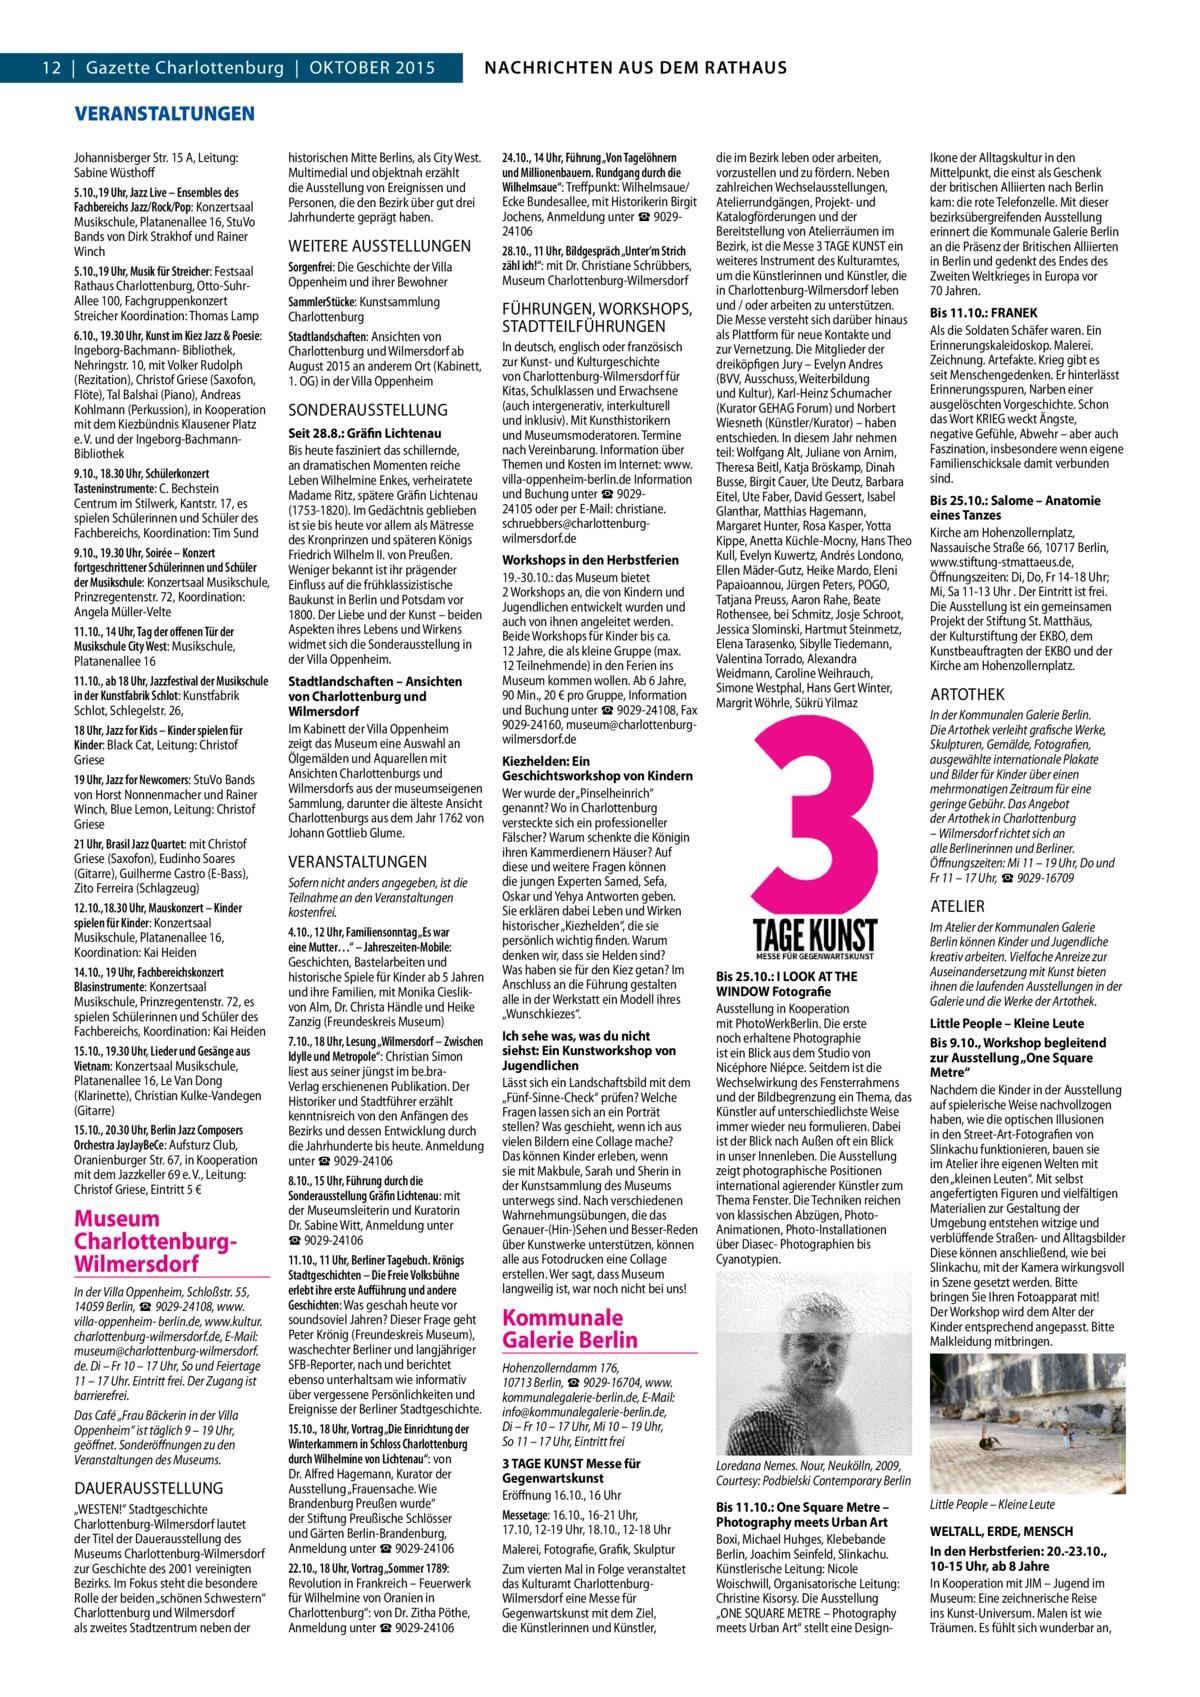 GAZETTE Wilmersdorf 10/15  NACHRICHTEN AUS DEM RATHAUS NACHRICHTEN AUS DEM RATHAUS  3  12|Gazette Charlottenburg|OKTOBER 2015  VERANSTALTUNGEN Johannisberger Str.15 A, Leitung: Sabine Wüsthoff 5.10.,19Uhr, Jazz Live – Ensembles des Fachbereichs Jazz/Rock/Pop: Konzertsaal Musikschule, Platanenallee 16, StuVo Bands von Dirk Strakhof und Rainer Winch 5.10.,19Uhr, Musik für Streicher: Festsaal Rathaus Charlottenburg, Otto-SuhrAllee 100, Fachgruppenkonzert Streicher Koordination: Thomas Lamp 6.10., 19.30Uhr, Kunst im Kiez Jazz & Poesie: Ingeborg-Bachmann- Bibliothek, Nehringstr.10, mit Volker Rudolph (Rezitation), Christof Griese (Saxofon, Flöte), Tal Balshai (Piano), Andreas Kohlmann (Perkussion), in Kooperation mit dem Kiezbündnis Klausener Platz e. V. und der Ingeborg-BachmannBibliothek 9.10., 18.30Uhr, Schülerkonzert Tasteninstrumente: C. Bechstein Centrum im Stilwerk, Kantstr.17, es spielen Schülerinnen und Schüler des Fachbereichs, Koordination: Tim Sund 9.10., 19.30Uhr, Soirée – Konzert fortgeschrittener Schülerinnen und Schüler der Musikschule: Konzertsaal Musikschule, Prinzregentenstr.72, Koordination: Angela Müller-Velte 11.10., 14Uhr, Tag der offenen Tür der Musikschule City West: Musikschule, Platanenallee 16 11.10., ab 18Uhr, Jazzfestival der Musikschule in der Kunstfabrik Schlot: Kunstfabrik Schlot, Schlegelstr.26, 18Uhr, Jazz for Kids – Kinder spielen für Kinder: Black Cat, Leitung: Christof Griese 19Uhr, Jazz for Newcomers: StuVo Bands von Horst Nonnenmacher und Rainer Winch, Blue Lemon, Leitung: Christof Griese 21Uhr, Brasil Jazz Quartet: mit Christof Griese (Saxofon), Eudinho Soares (Gitarre), Guilherme Castro (E-Bass), Zito Ferreira (Schlagzeug) 12.10.,18.30Uhr, Mauskonzert – Kinder spielen für Kinder: Konzertsaal Musikschule, Platanenallee 16, Koordination: Kai Heiden 14.10., 19Uhr, Fachbereichskonzert Blasinstrumente: Konzertsaal Musikschule, Prinzregentenstr.72, es spielen Schülerinnen und Schüler des Fachbereichs, Koordination: Kai Heiden 15.10., 1